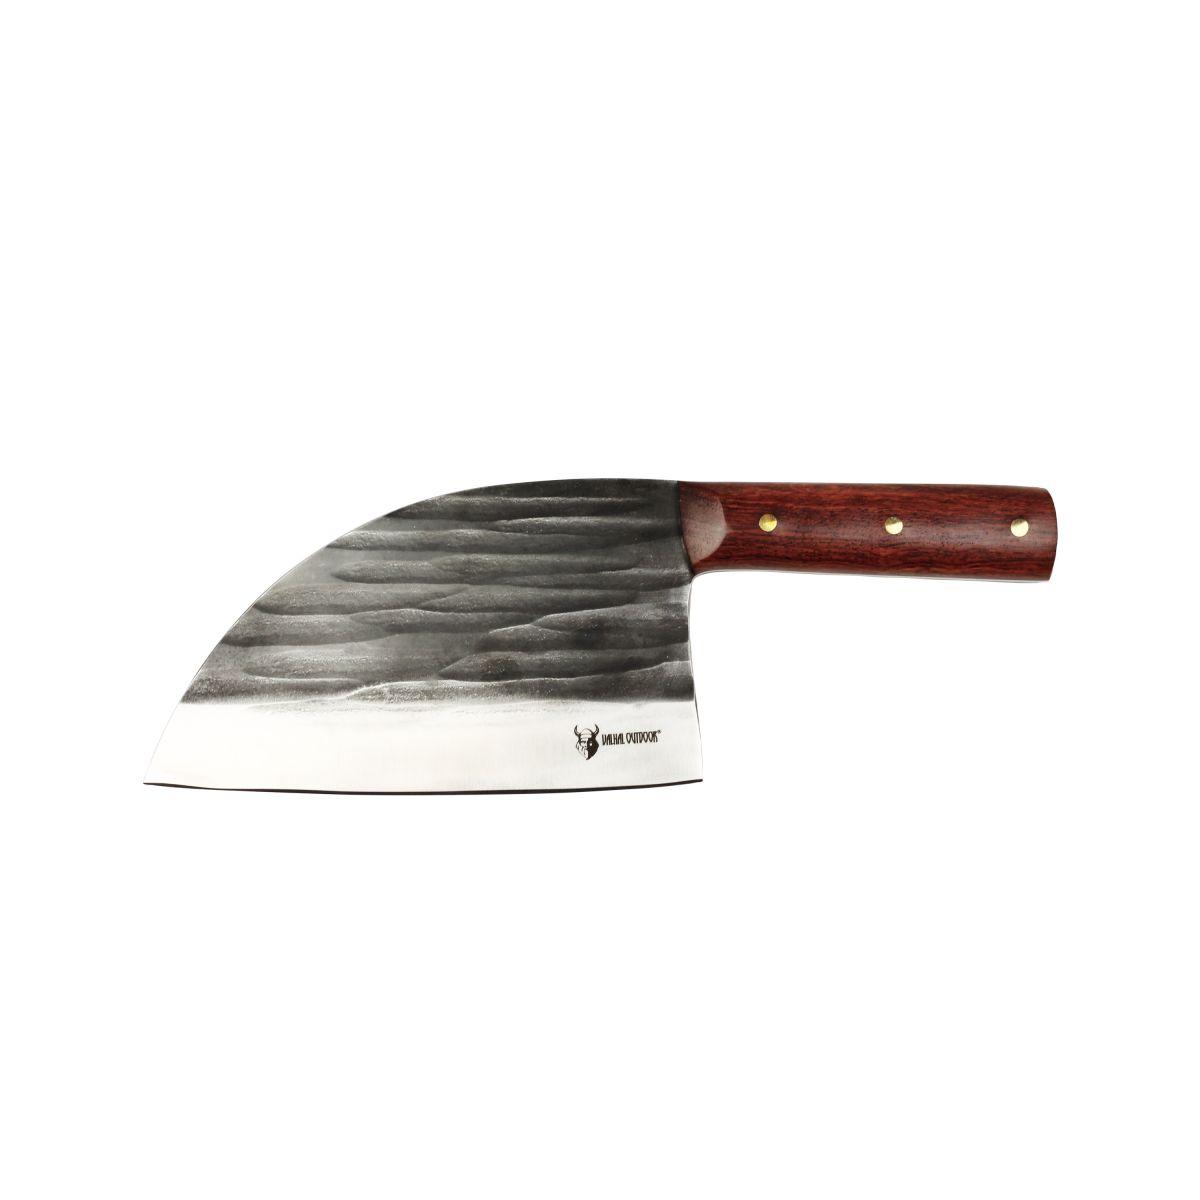 vhknife1 hakmes lemmet 18cm